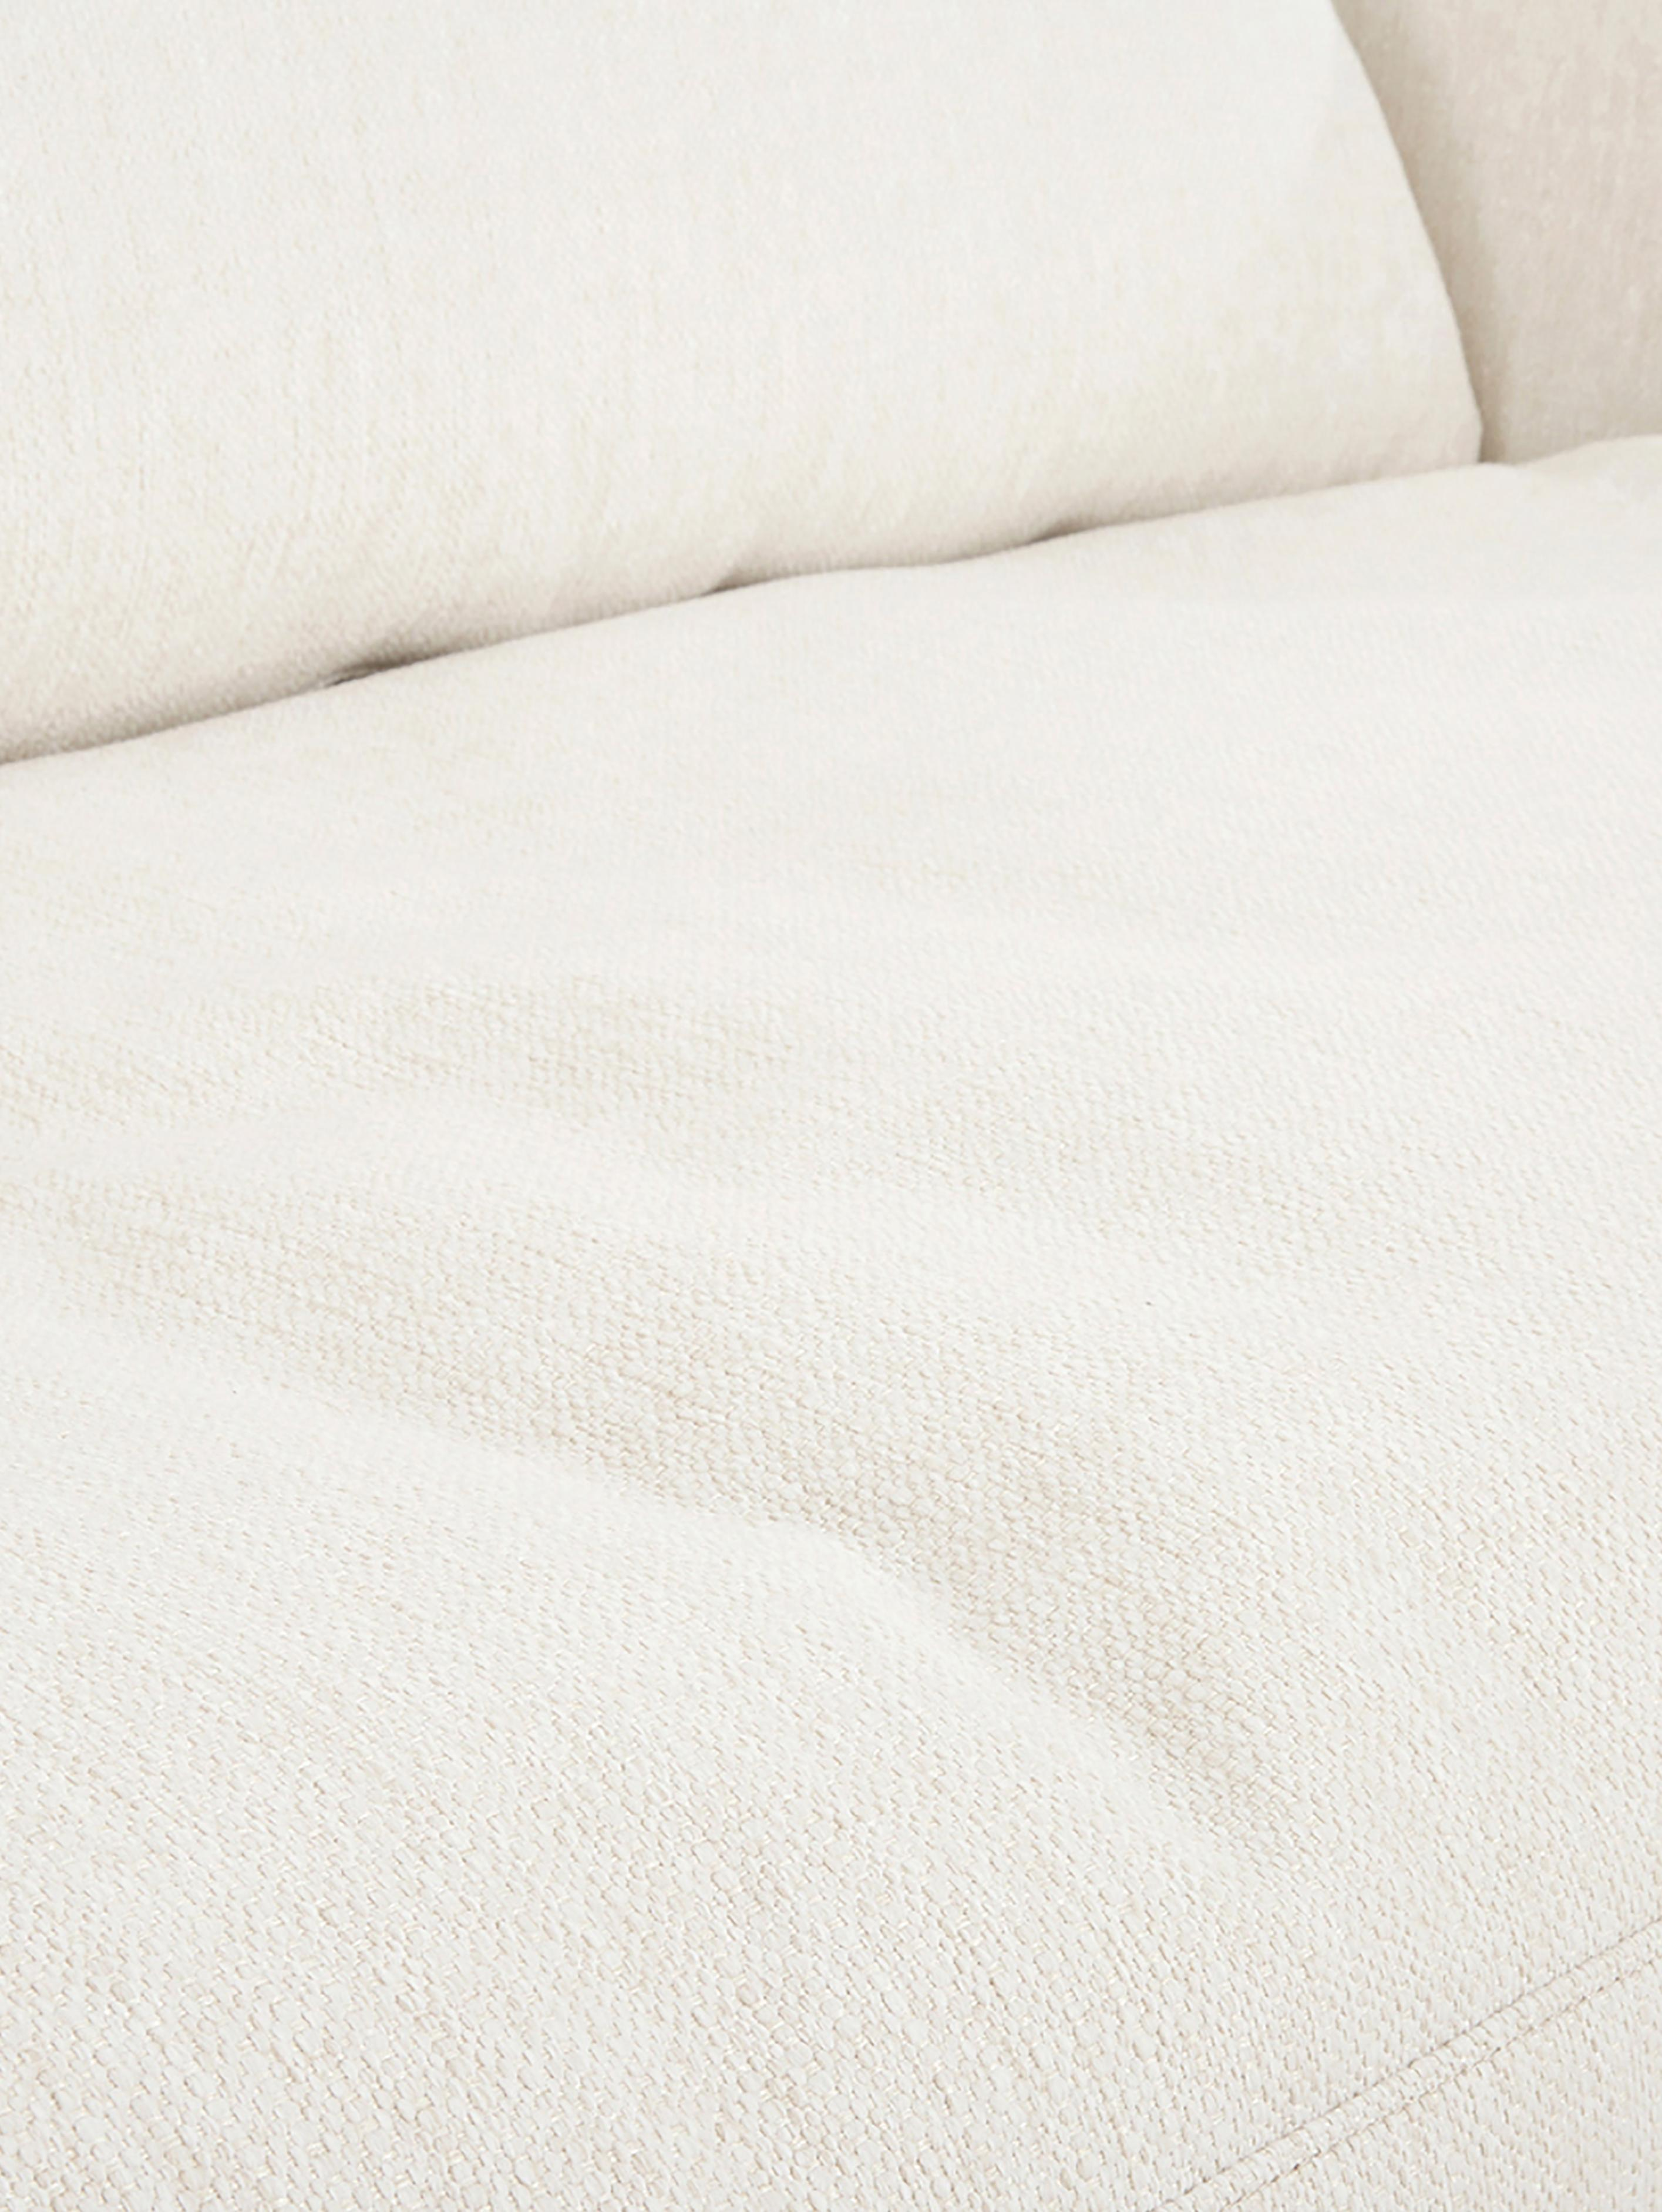 Divano angolare in tessuto beige Tribeca, Rivestimento: poliestere 26.000 cicli d, Rivestimento: cuscino in schiuma con mo, Seduta: imbottitura in schiuma, f, Struttura: legno di pino massiccio, Tessuto beige, Larg. 315 x Prof. 228 cm